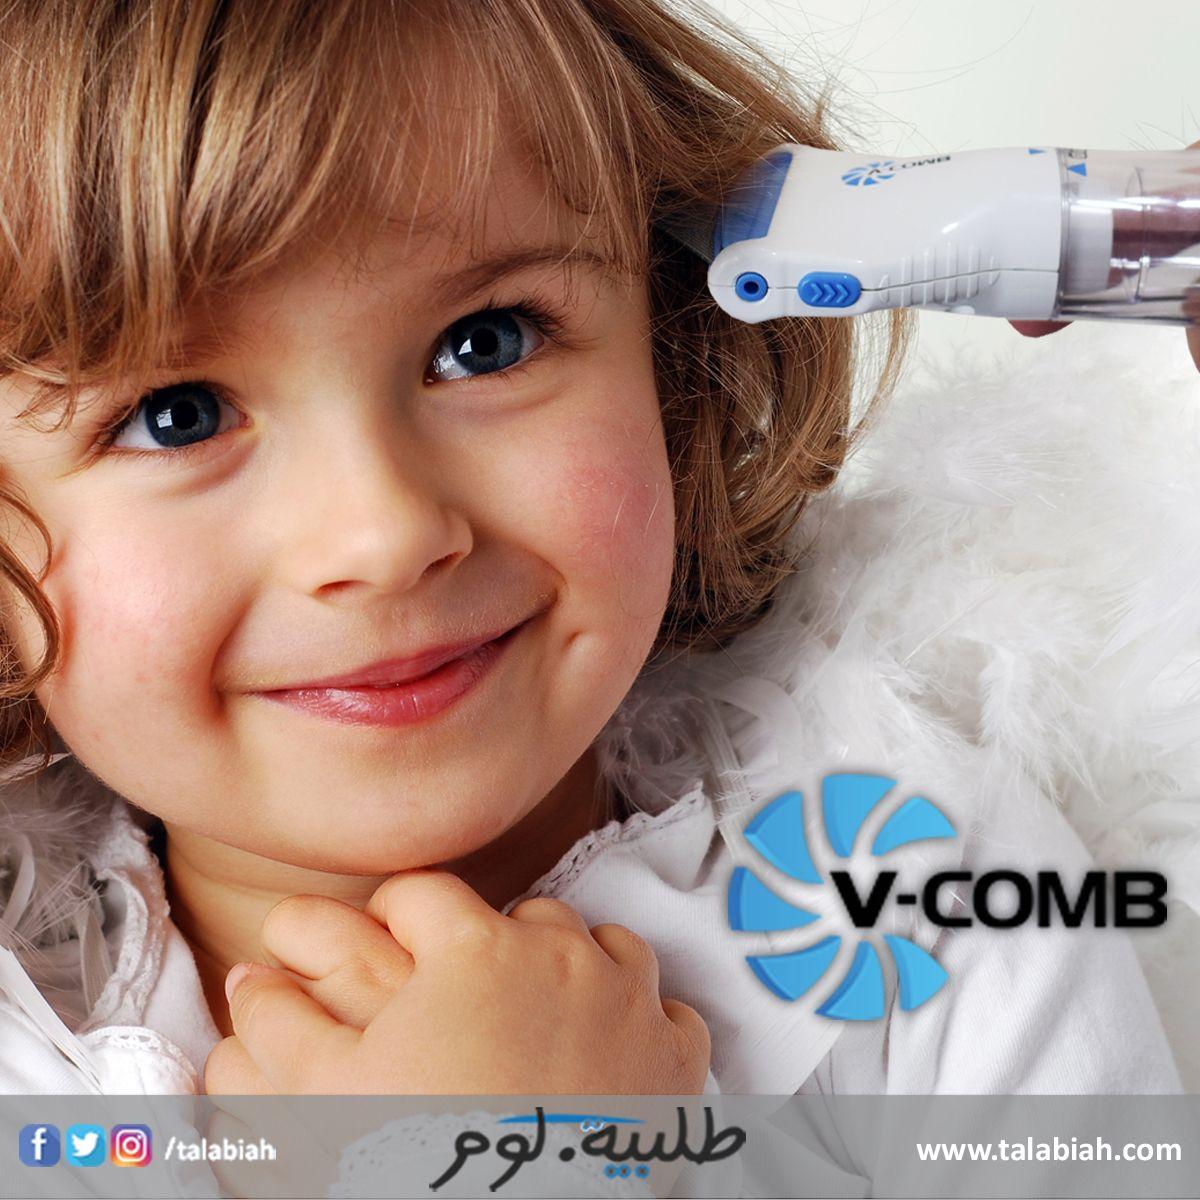 تخلصي من قمل الرأس بطريقة سريعة سهلة و مضمونة النتائج فقط بواسطة جهاز في كومب Head Louse Baby Face Comb